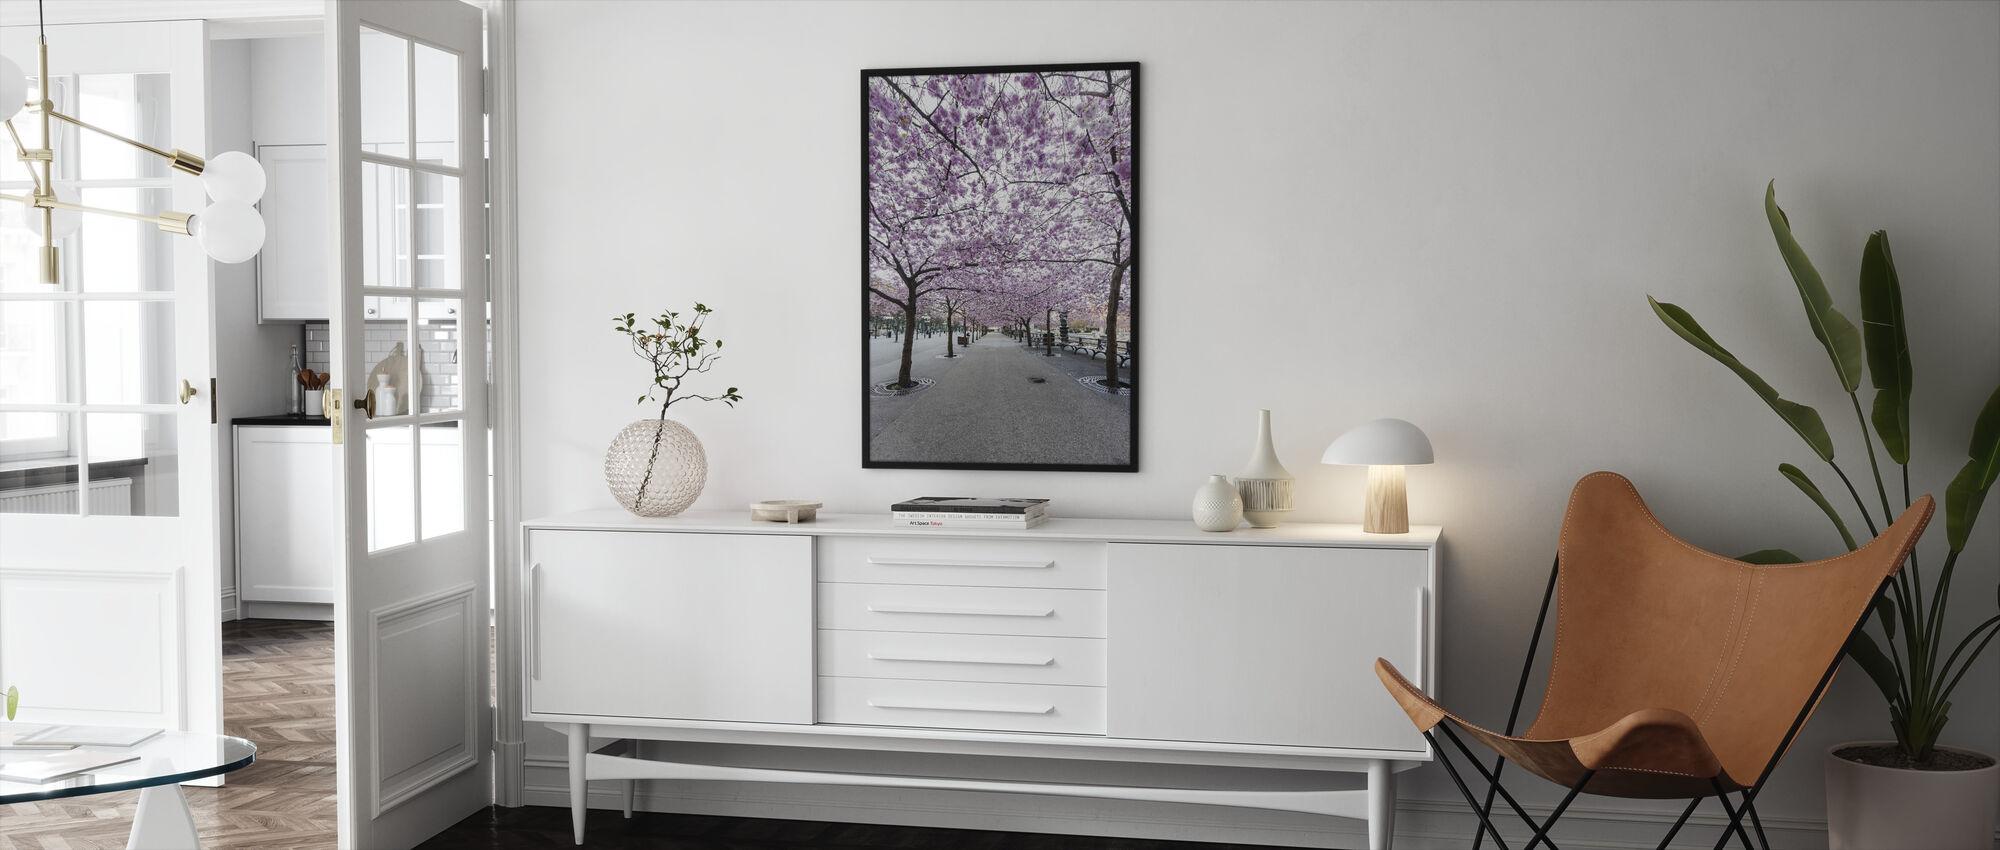 Cherry Tree Blossoms - Framed print - Living Room